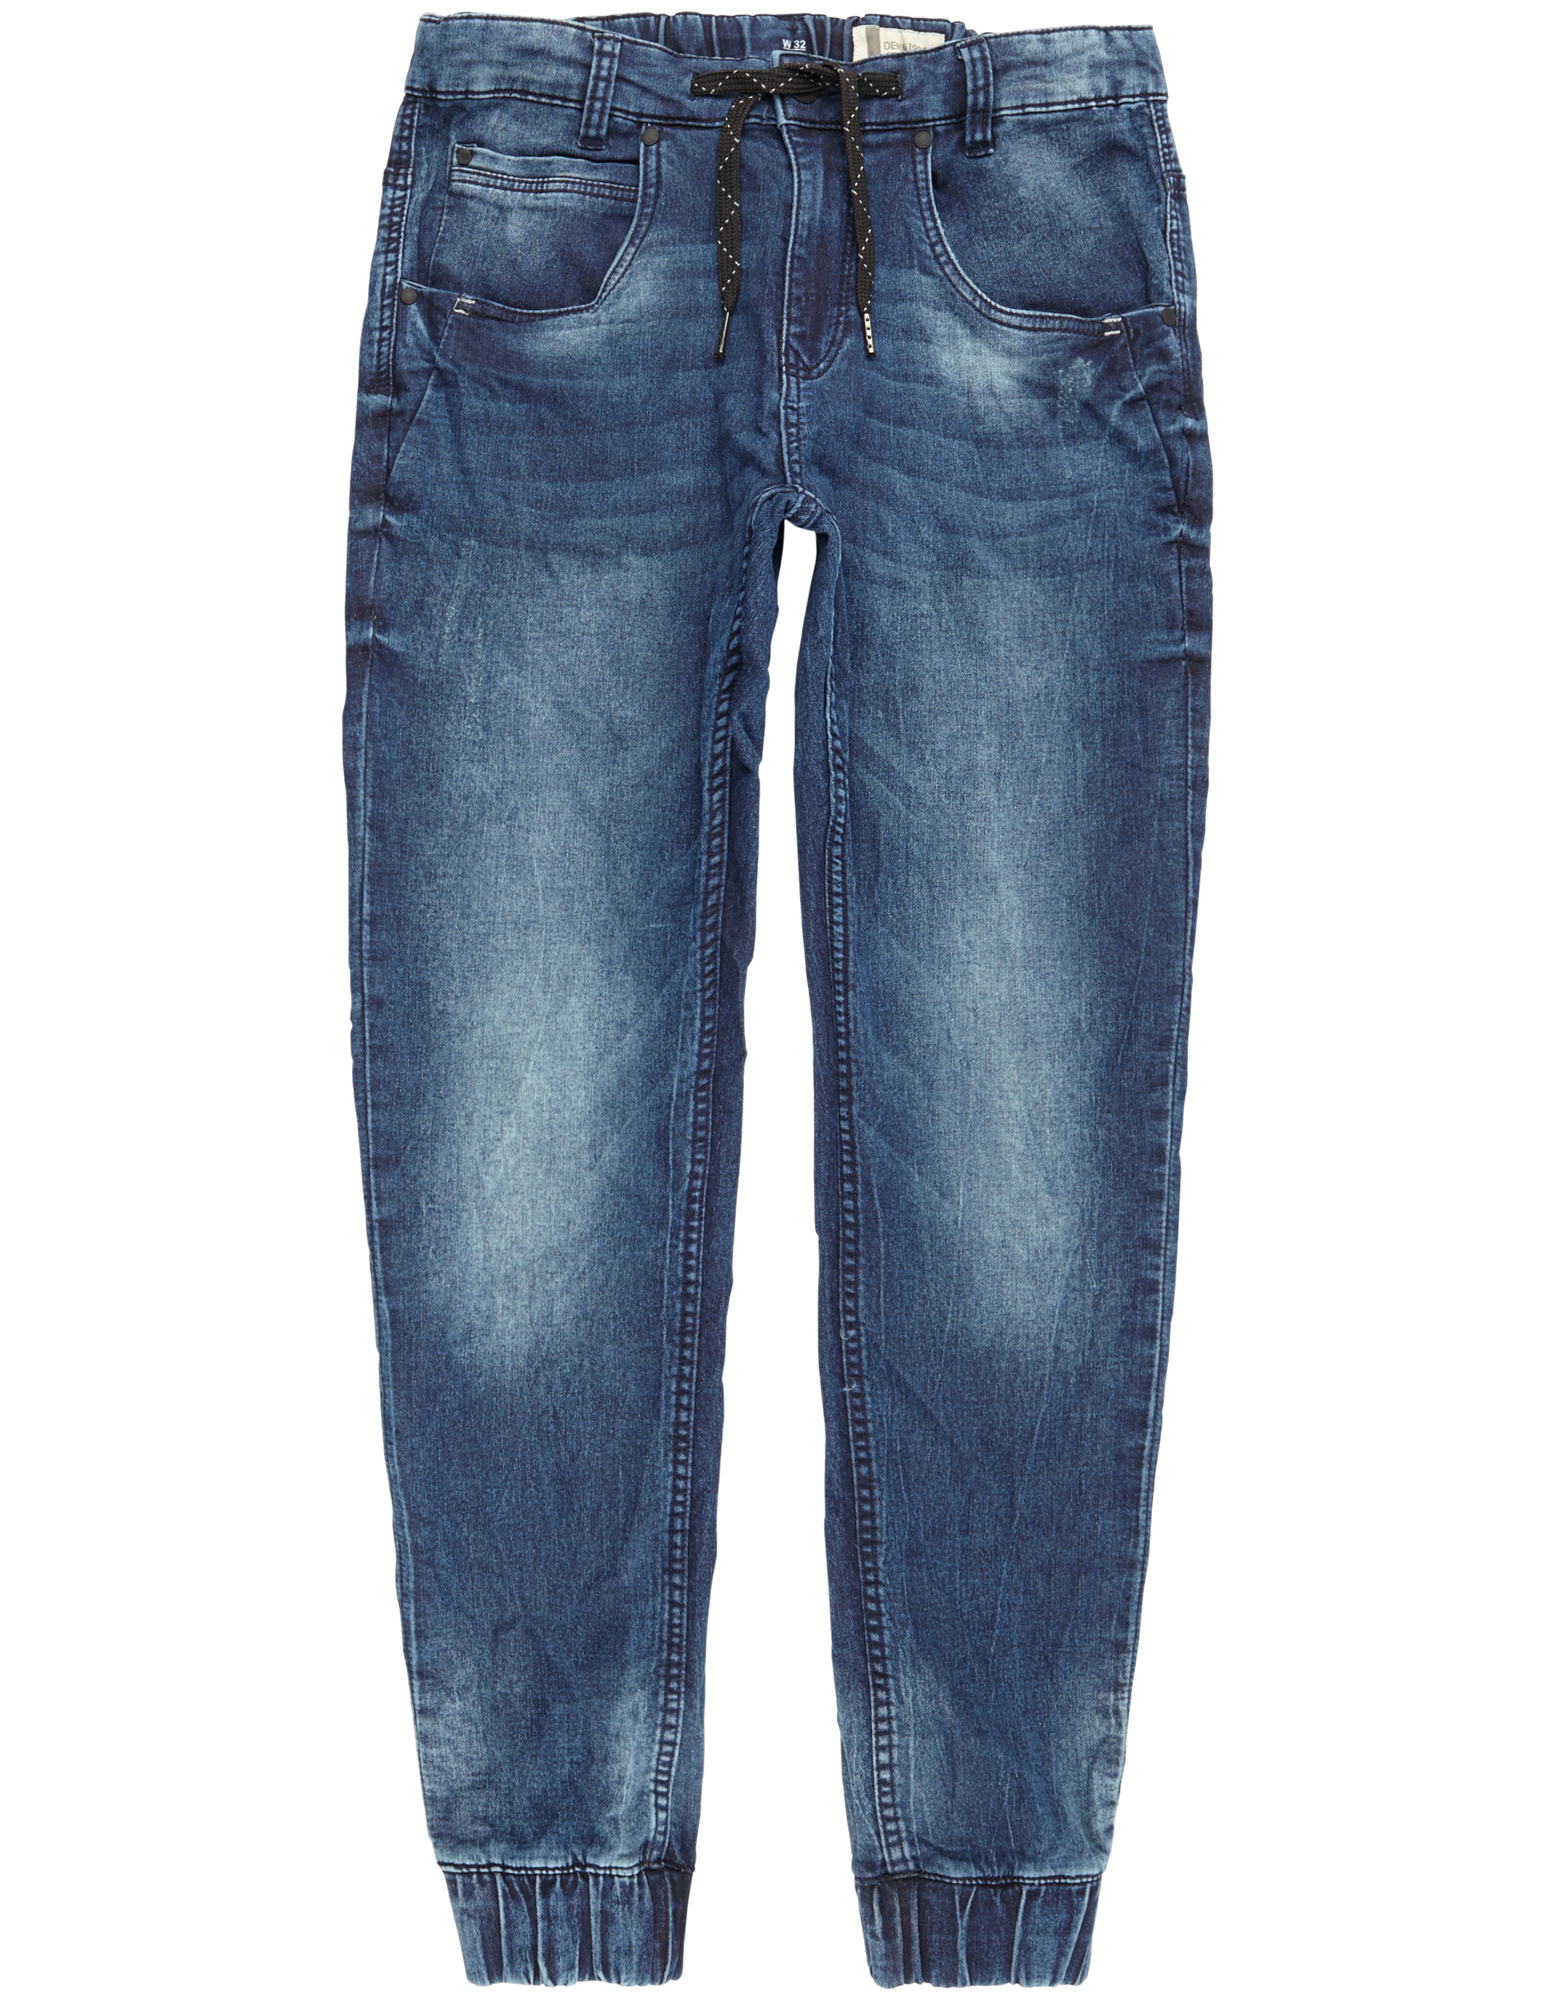 Herren jeans bei takko